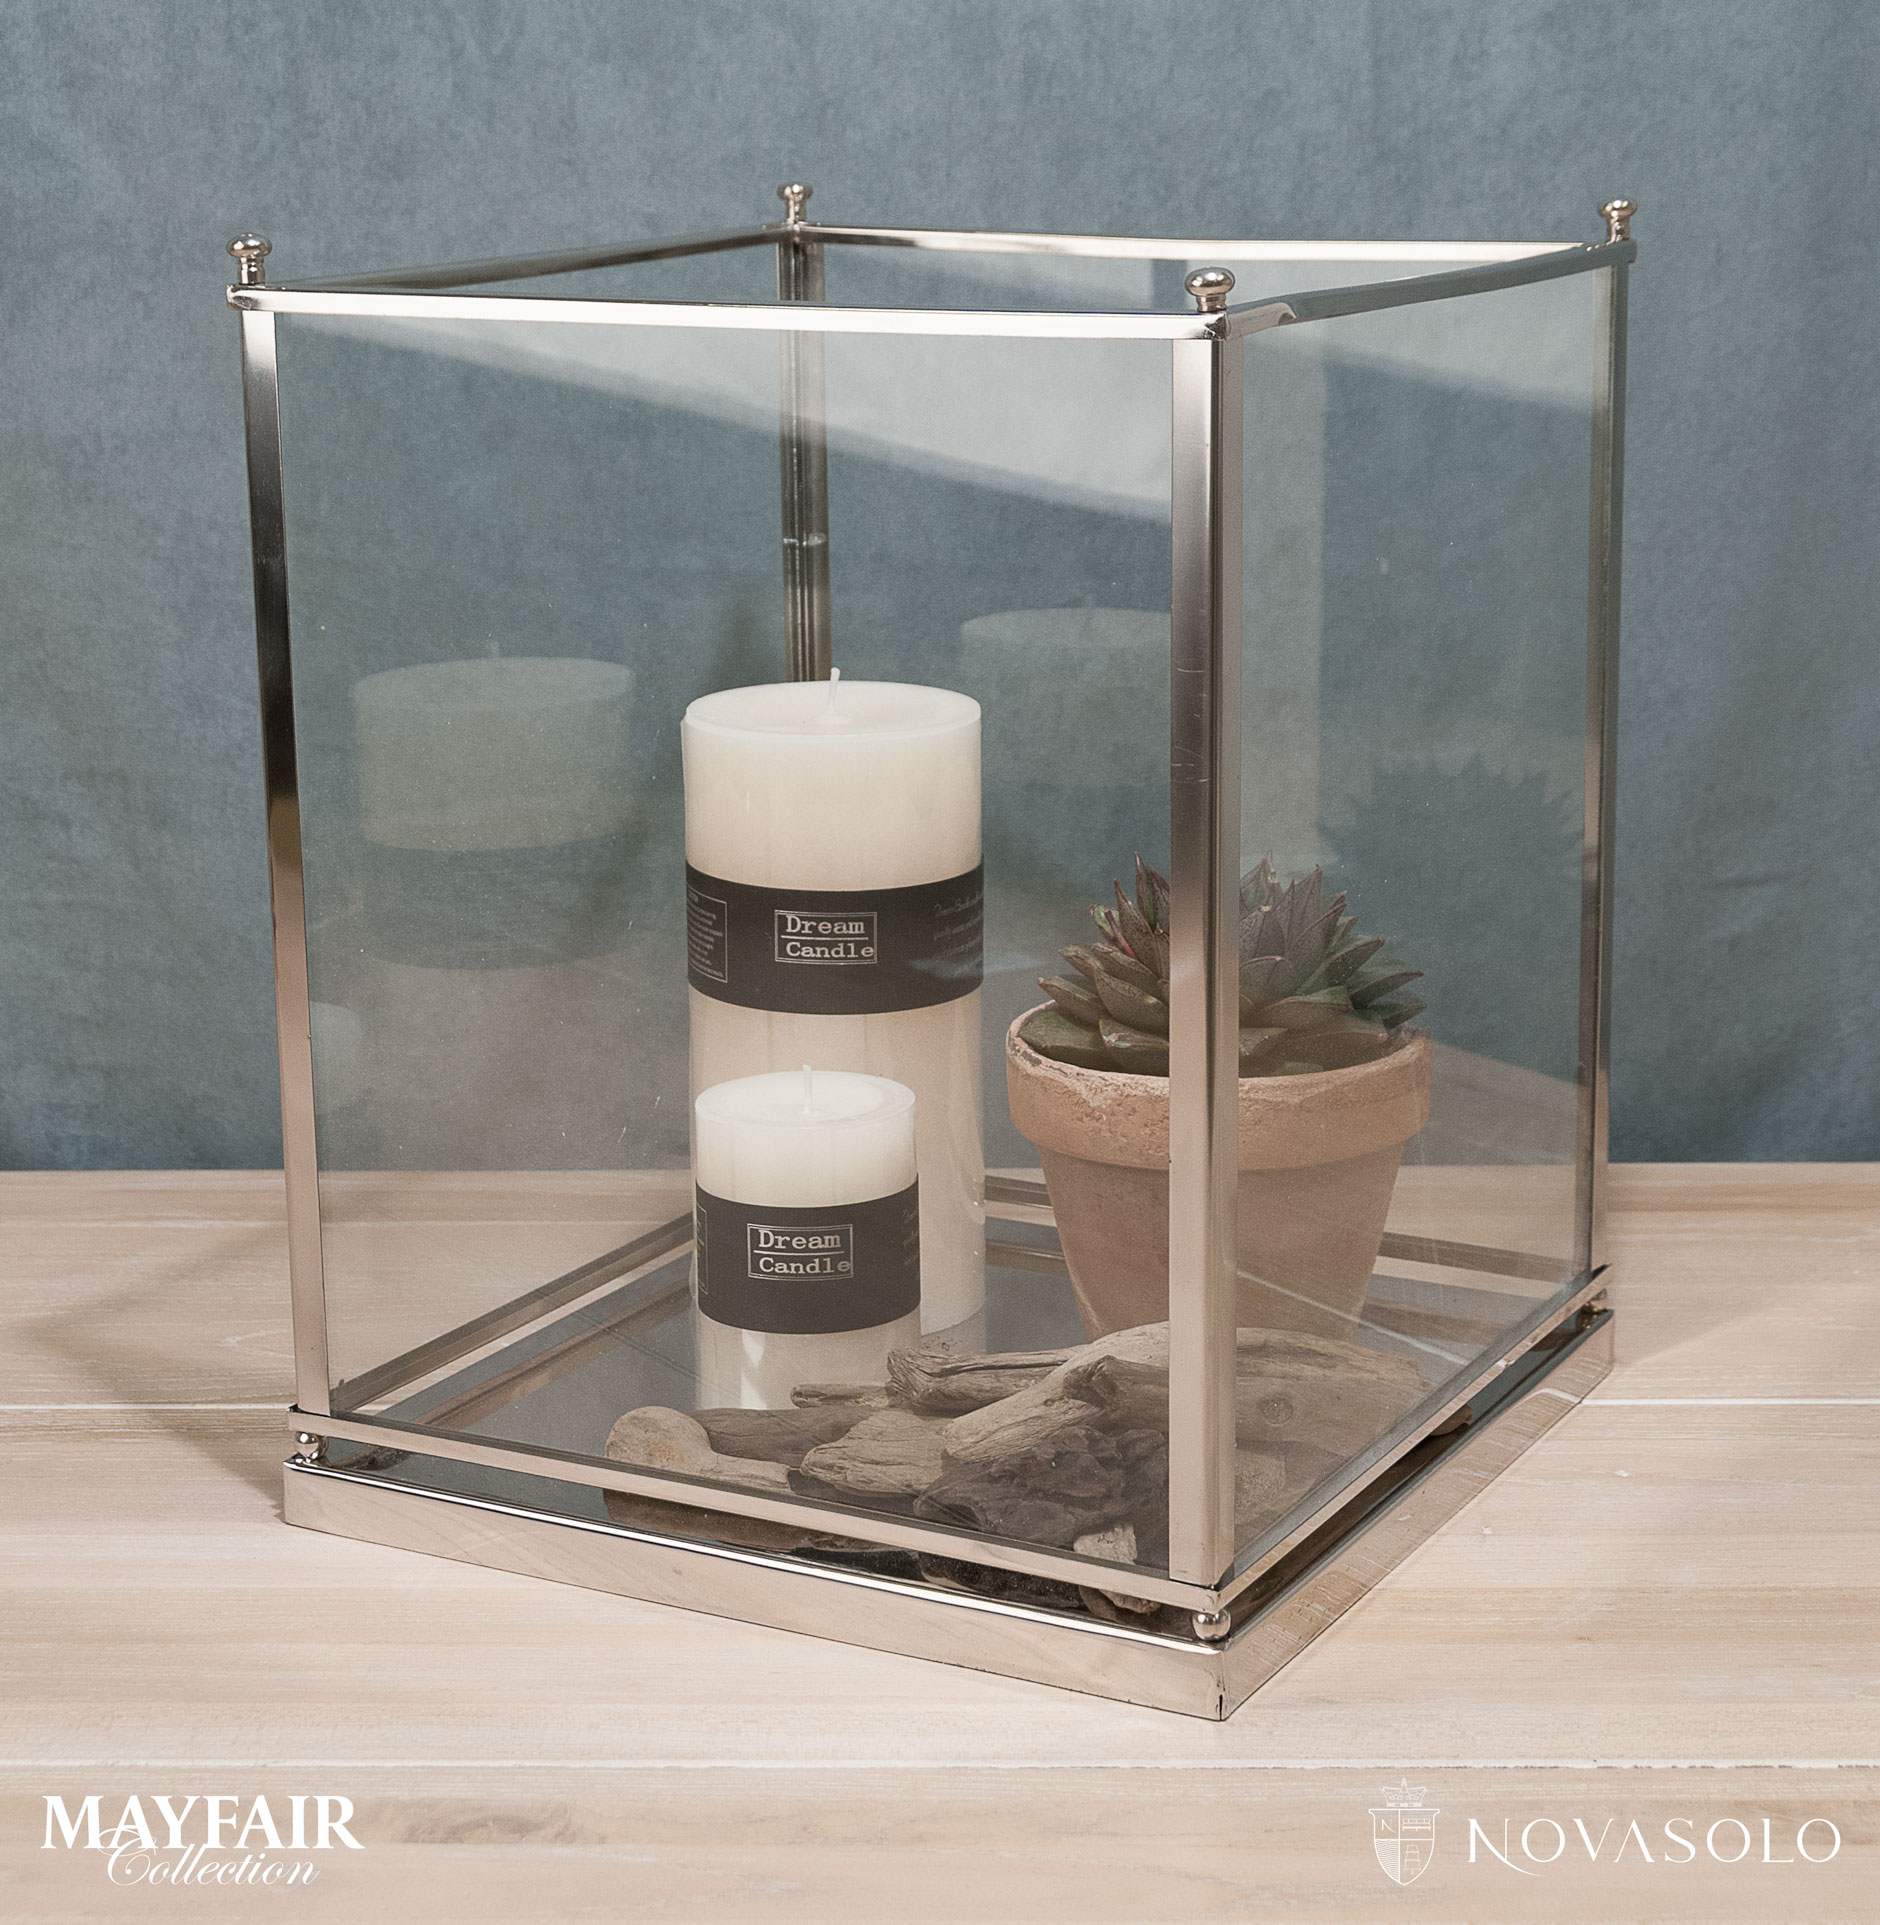 Opprinnelig Mayfair lykt i glass og krom (stor) - NovaSolo.no NO-43